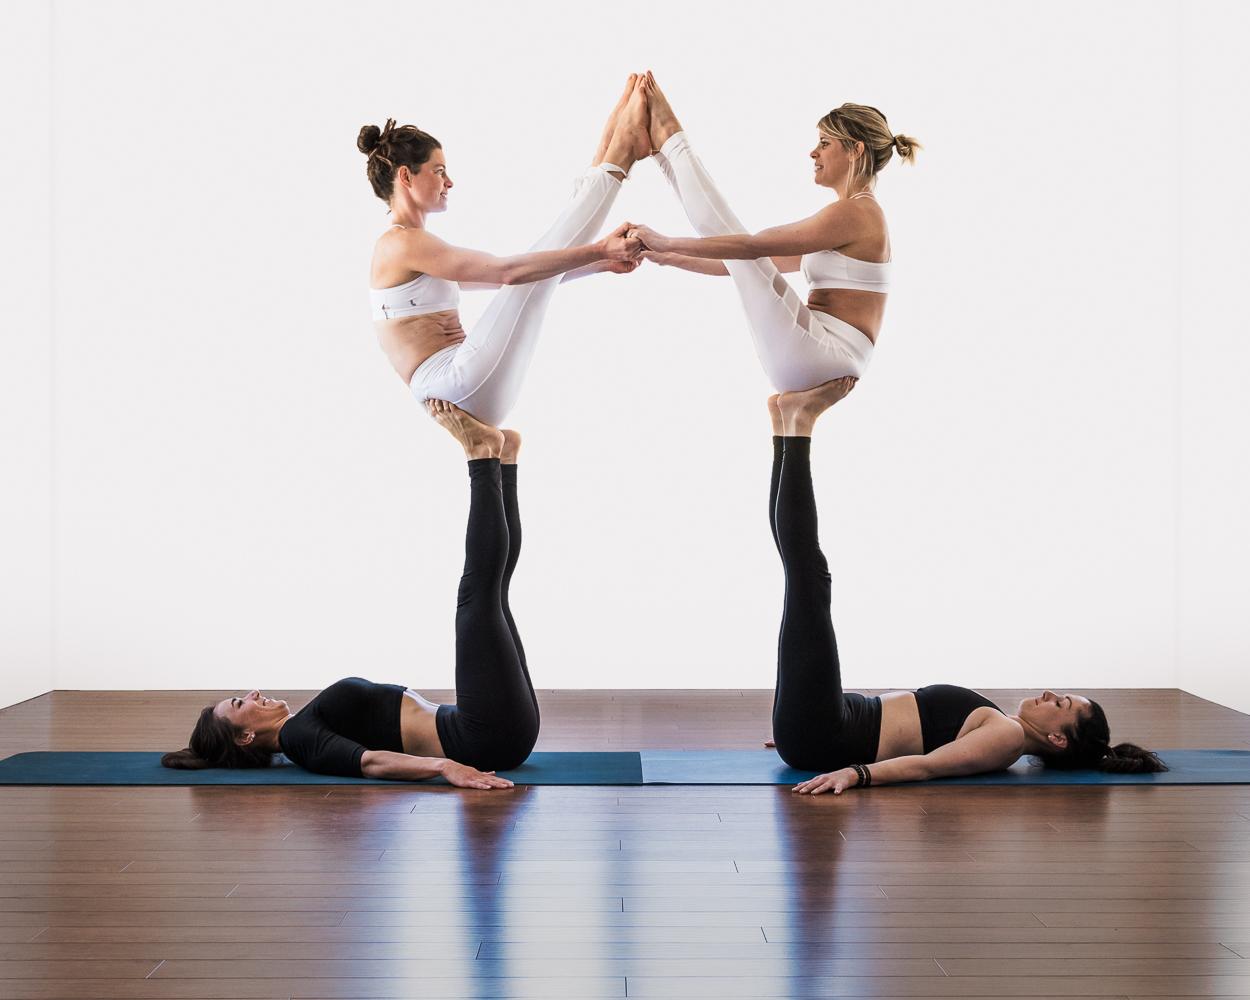 acroyoga, symétrie, équilibre, femmes, arthlétique, quatuor